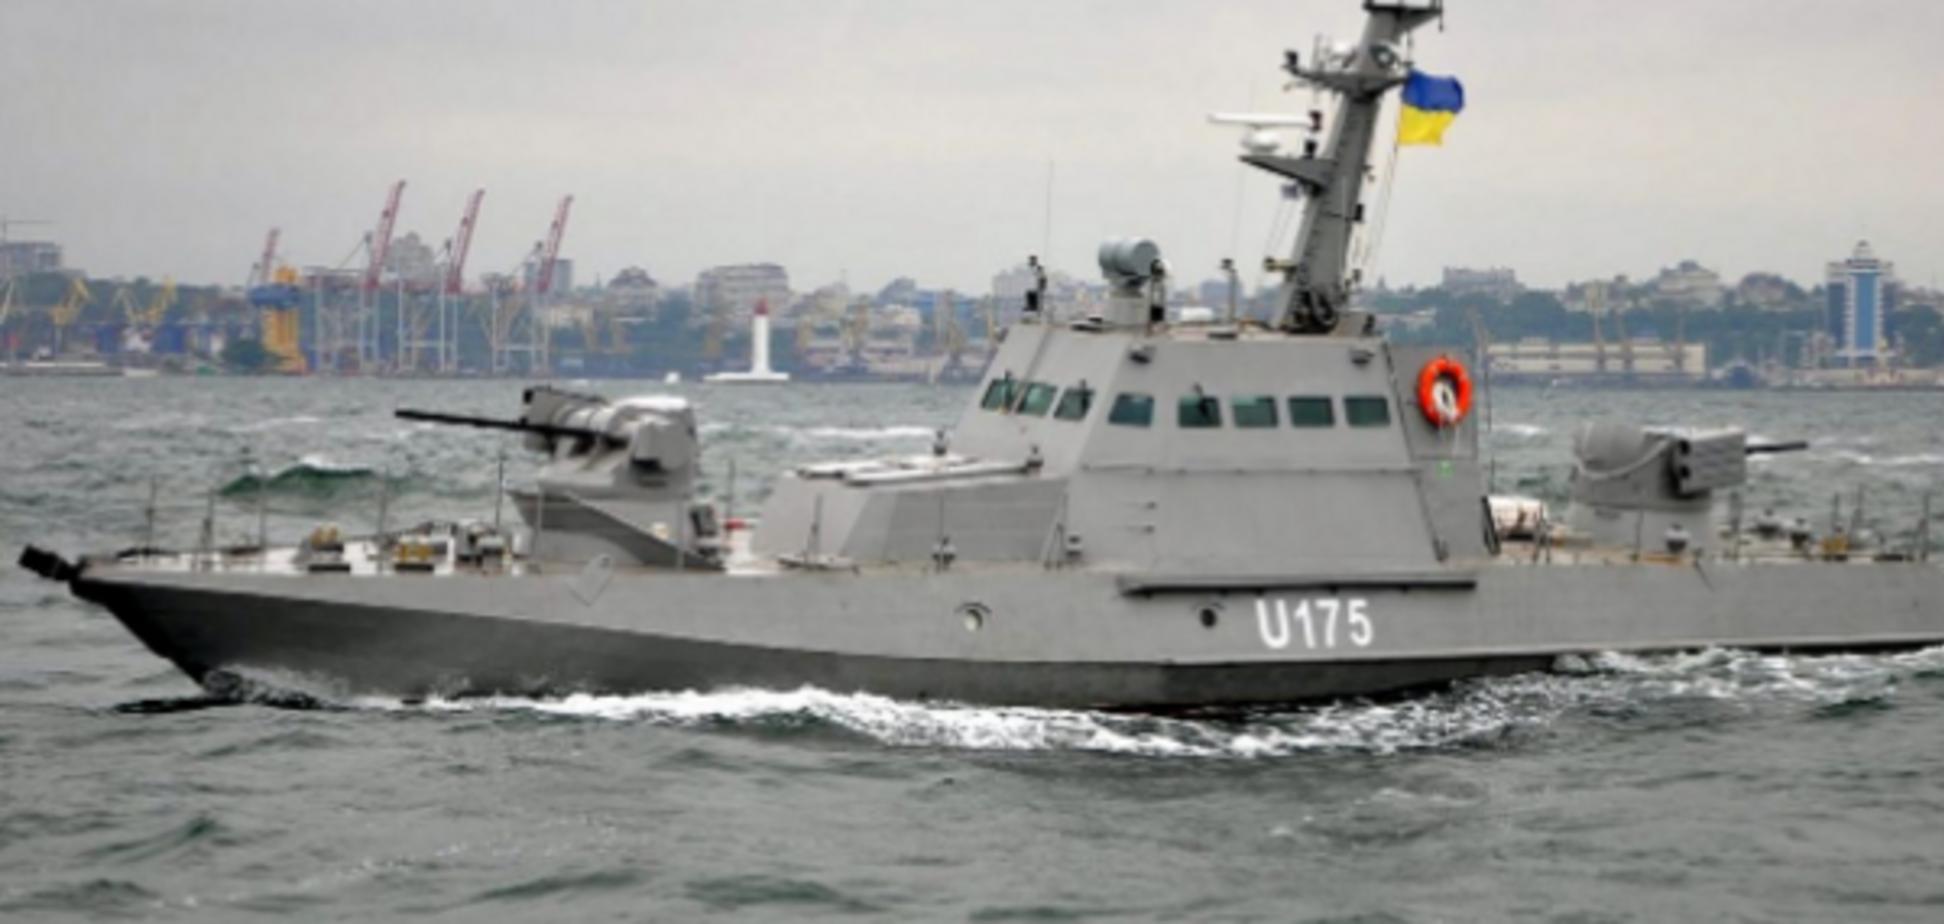 Нанести удар и замкнуть круг: военный эксперт раскрыл план России в Керченском проливе